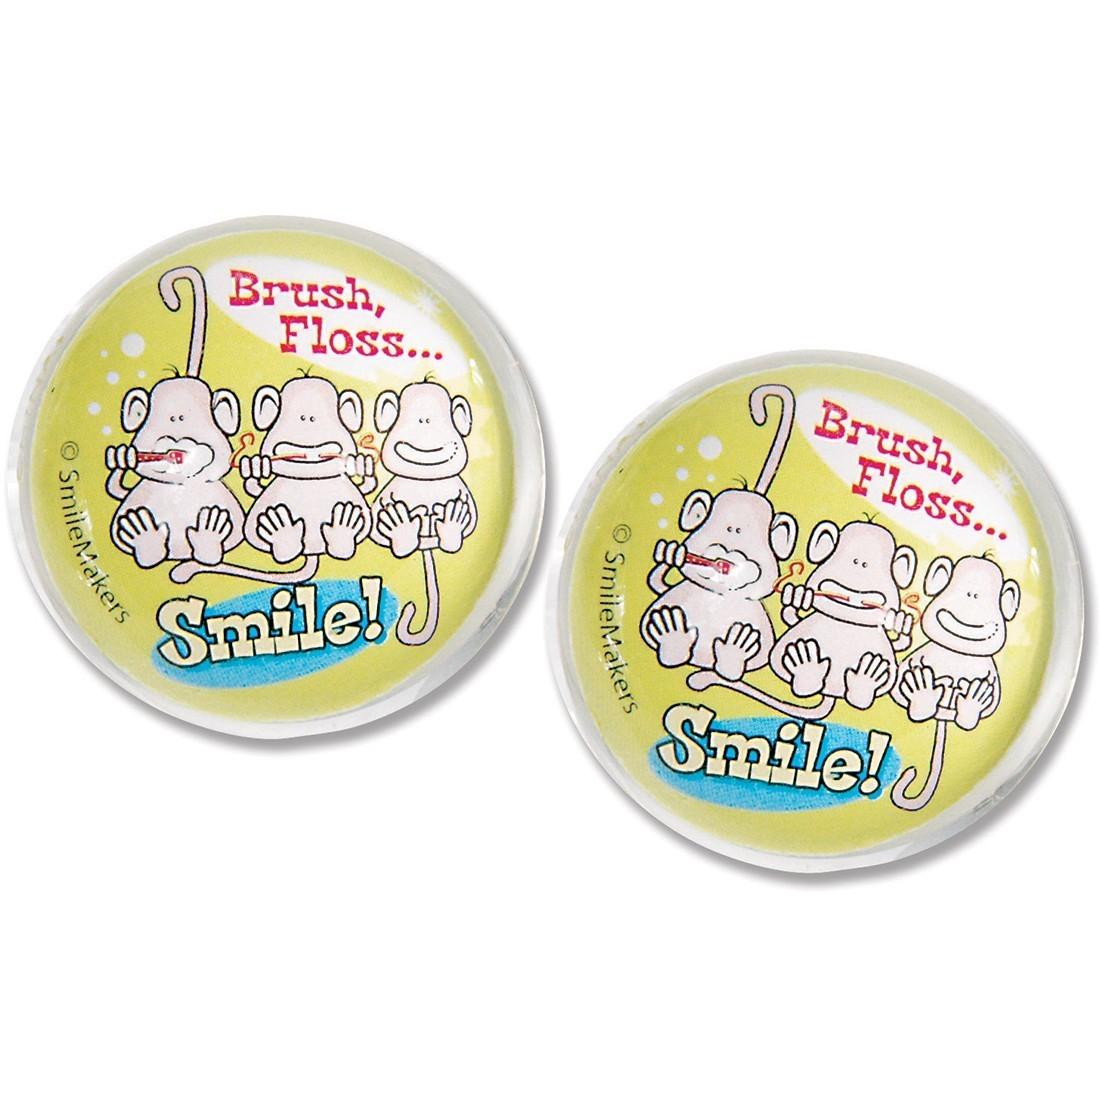 29mm Brush, Floss, Smile Monkey Bouncing Balls [image]